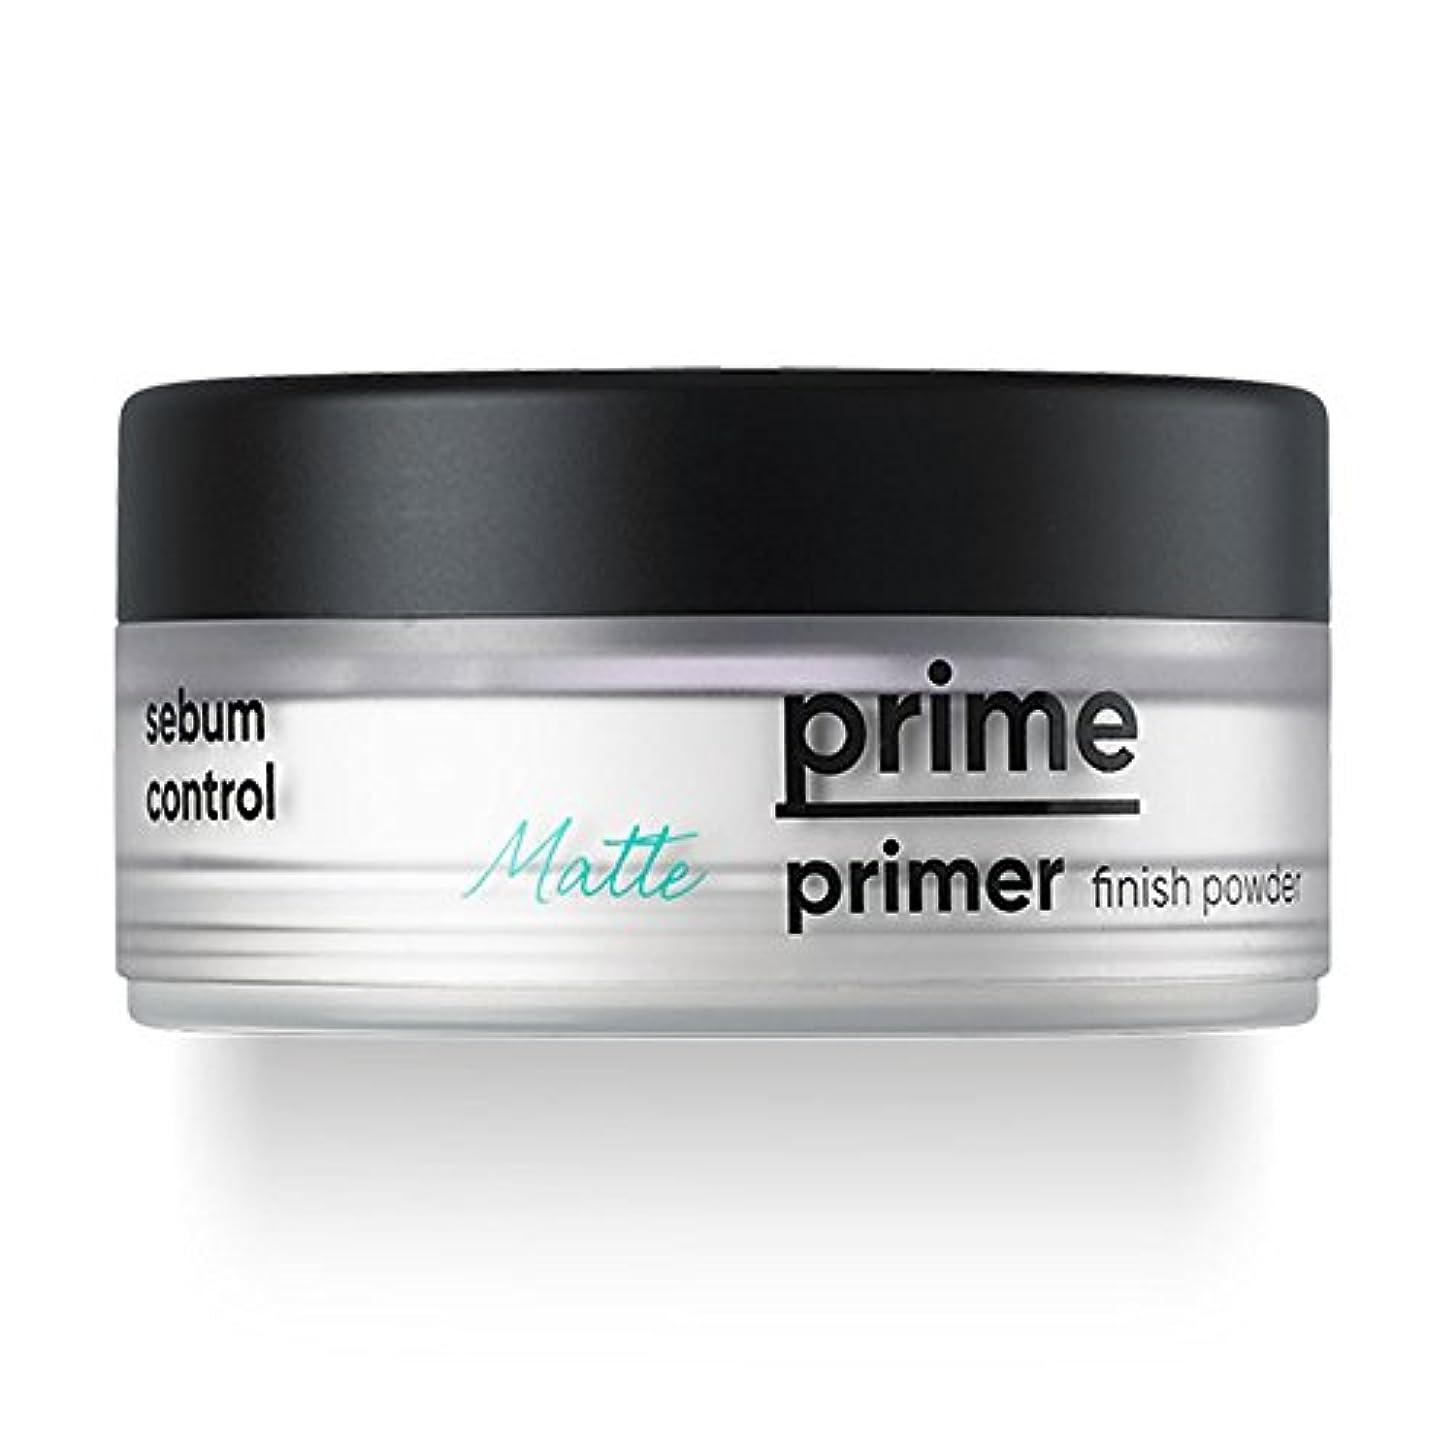 軽蔑する不明瞭宝石BANILA CO(バニラコ) プライム プライマー フィニッシュ パウダー Prime Primer Matte Finish Powder 12g